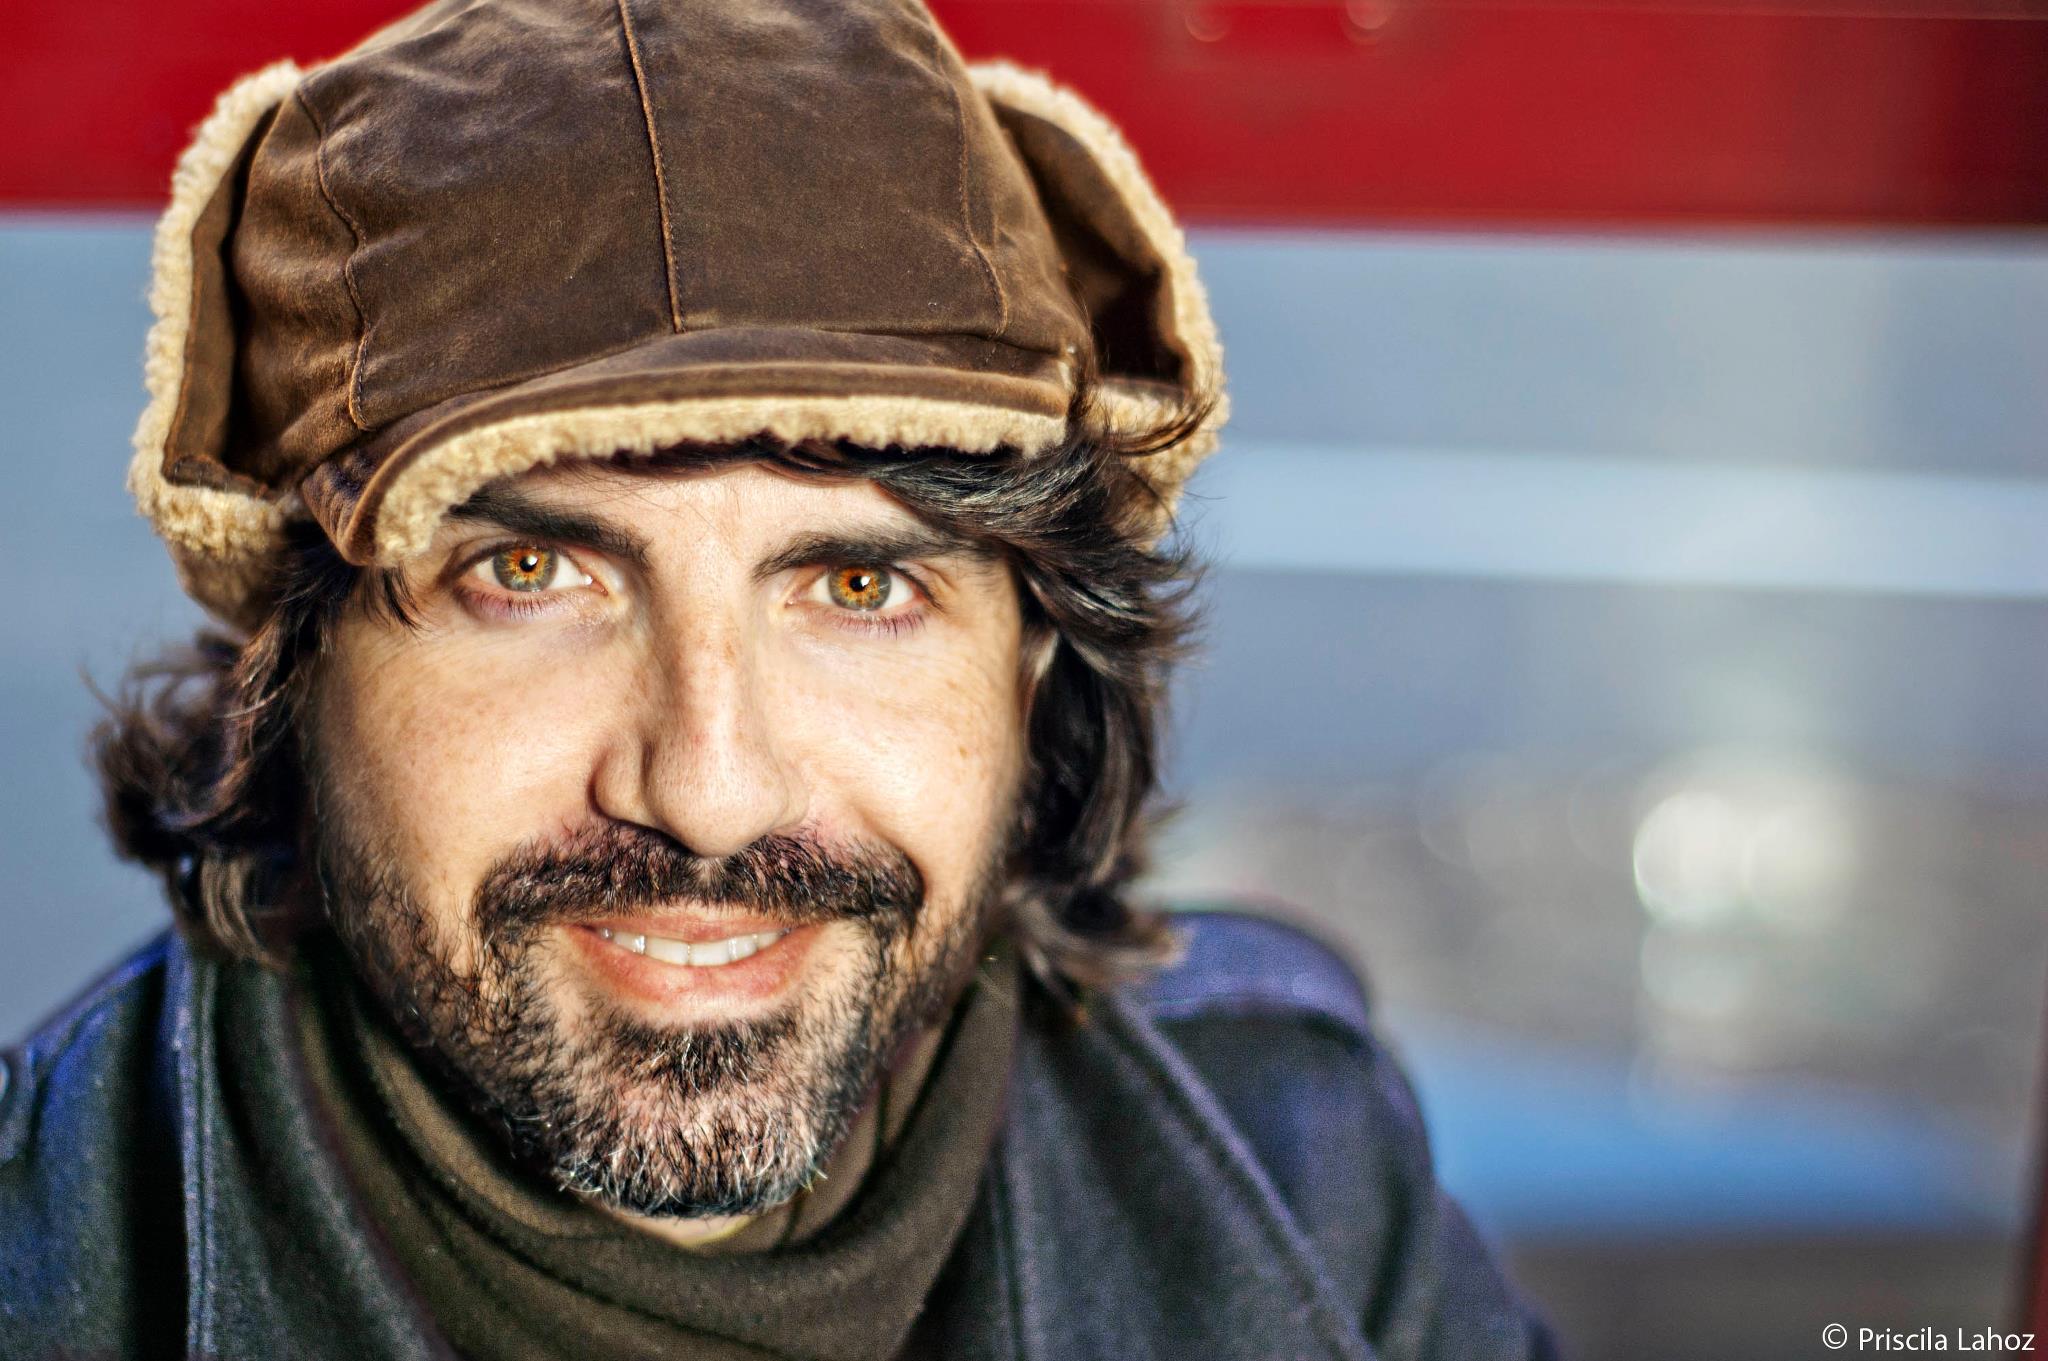 David Sagasta Mora